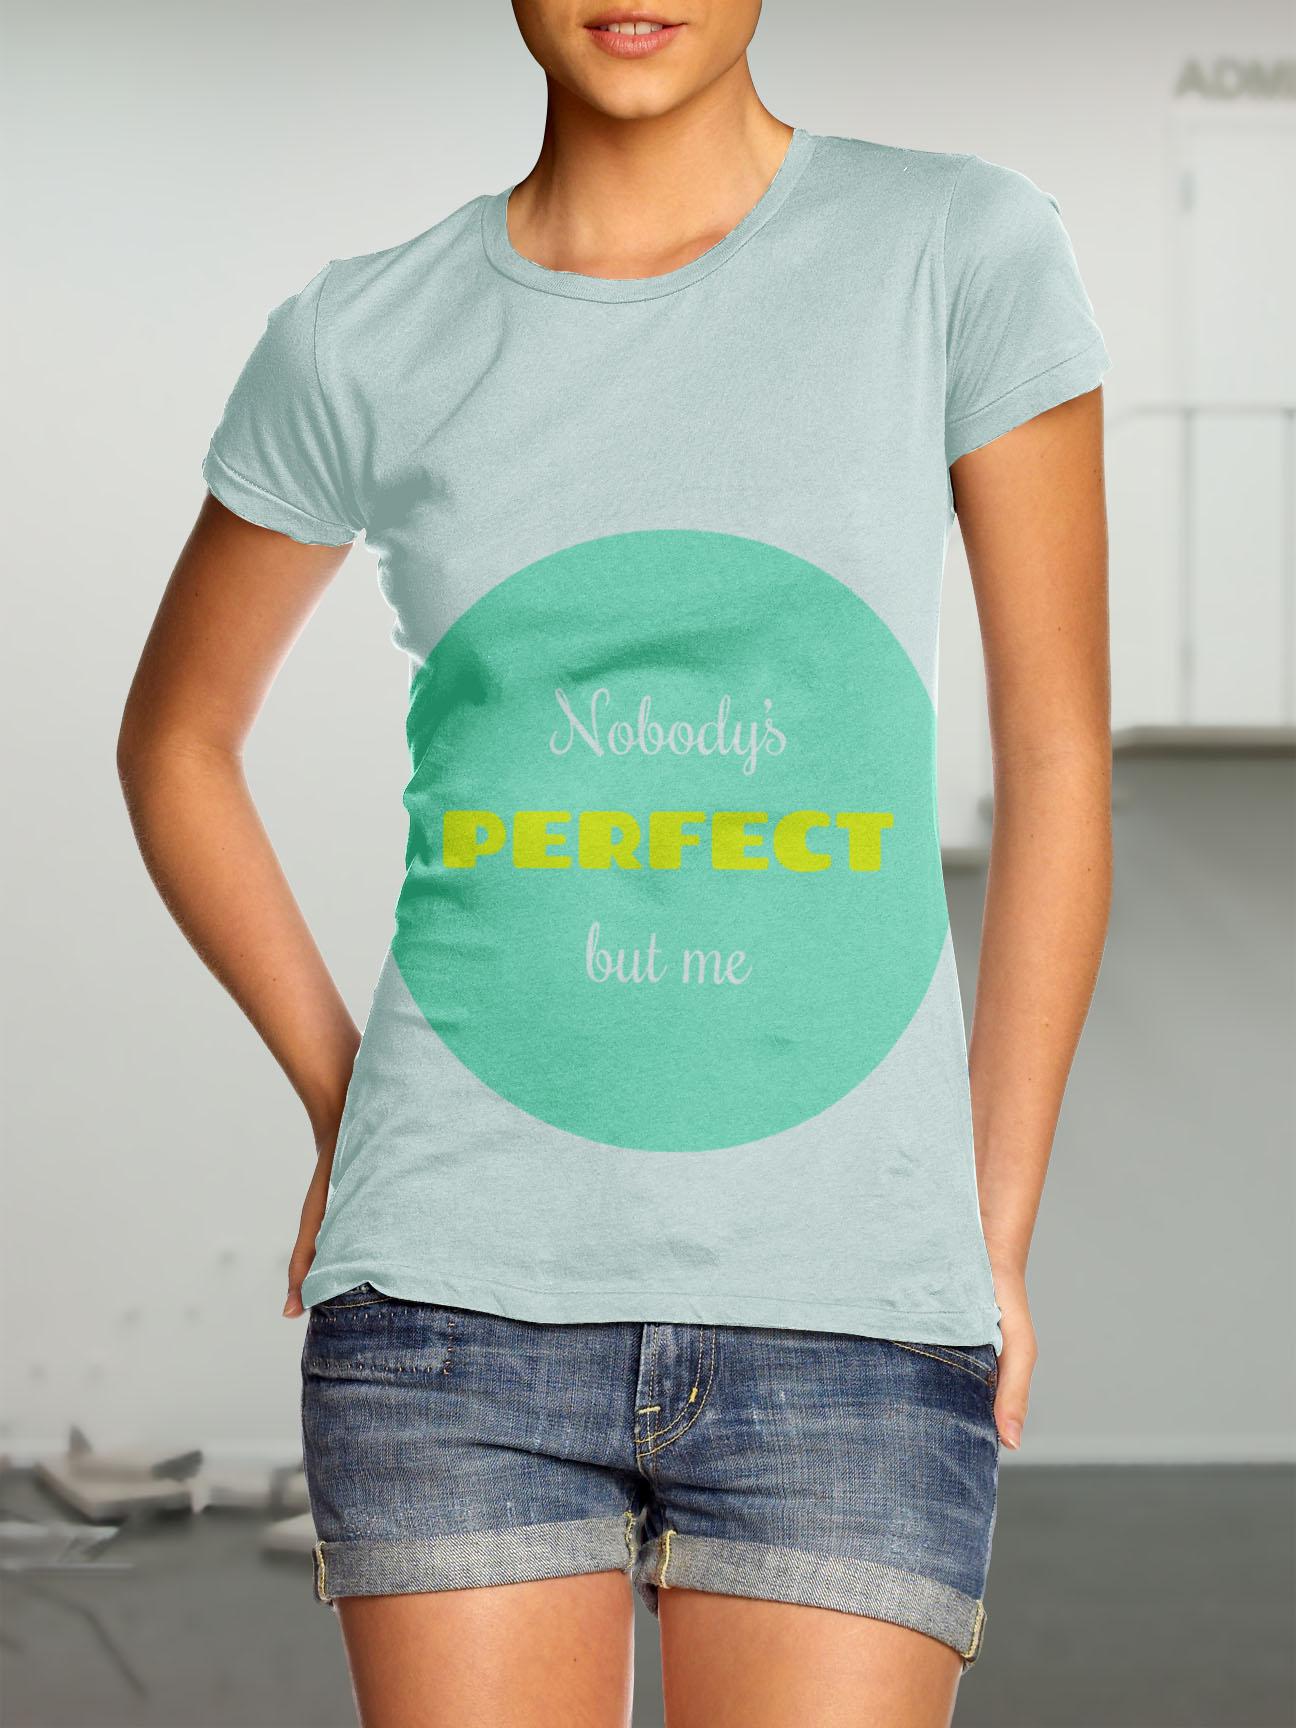 Придумать надпись на футболки на английском языке. Тематика  фото f_9285cae0c6d8940e.jpg